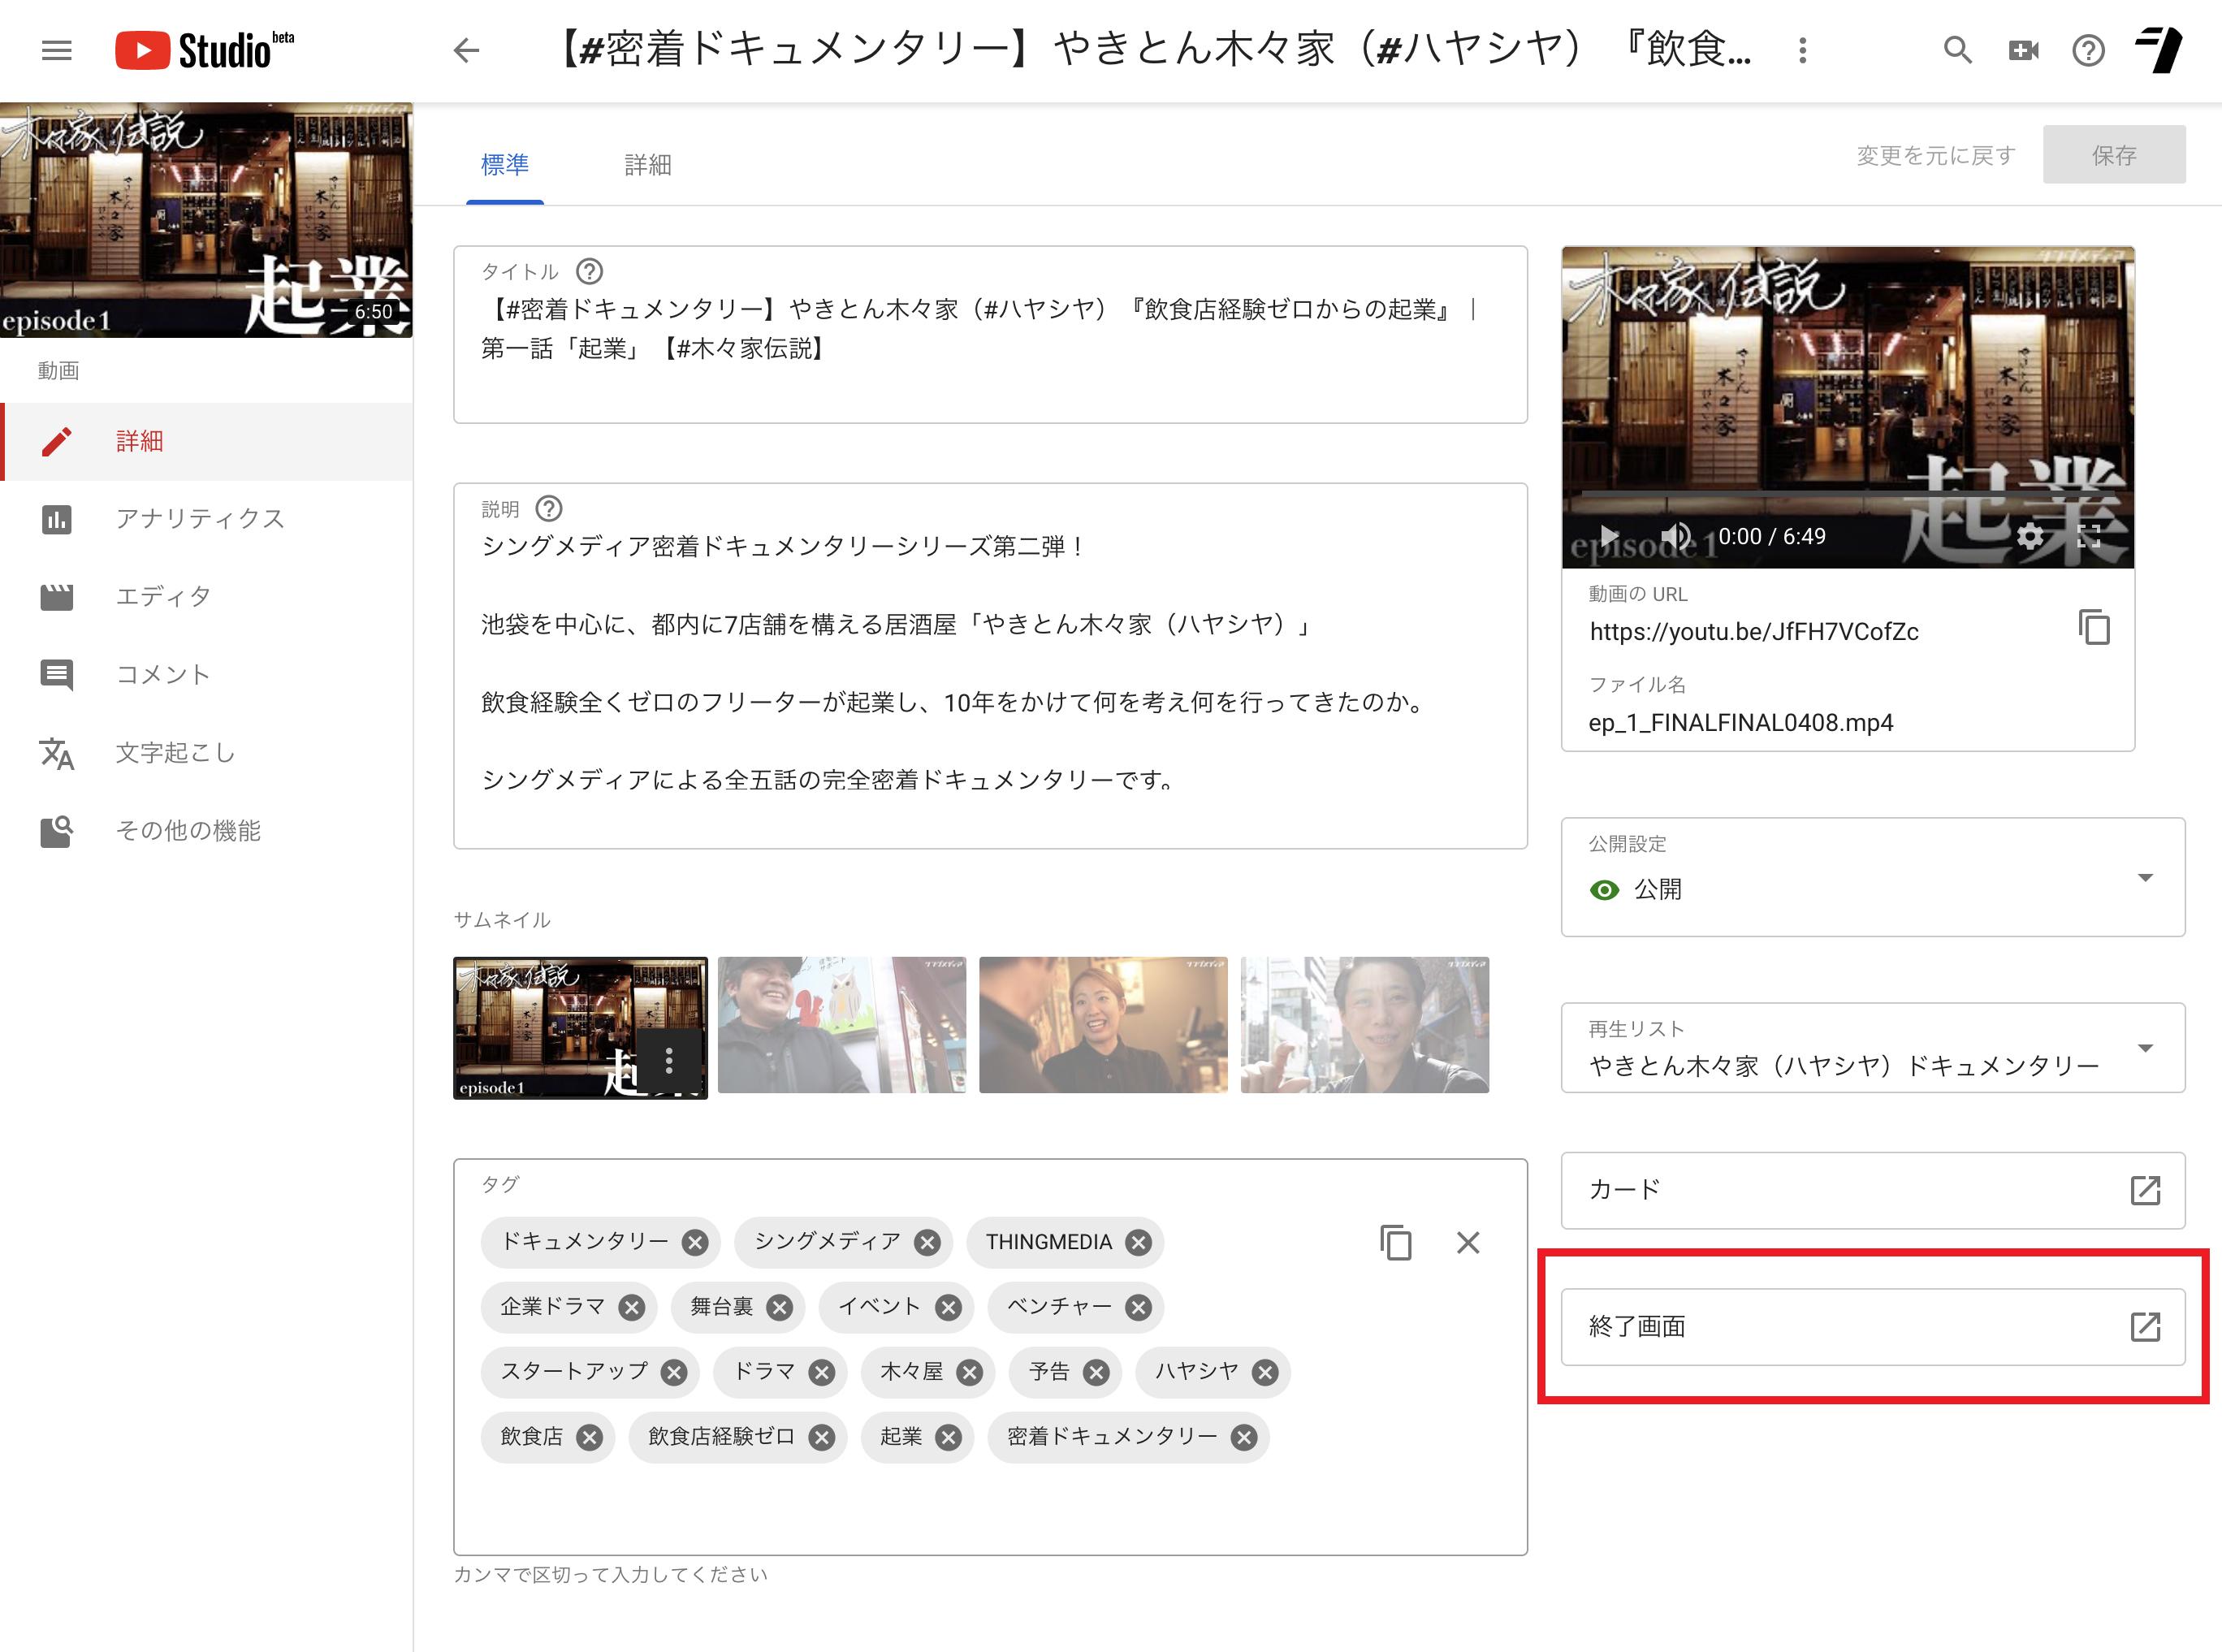 「終了画面」に関連動画とチャンネル登録を追加する